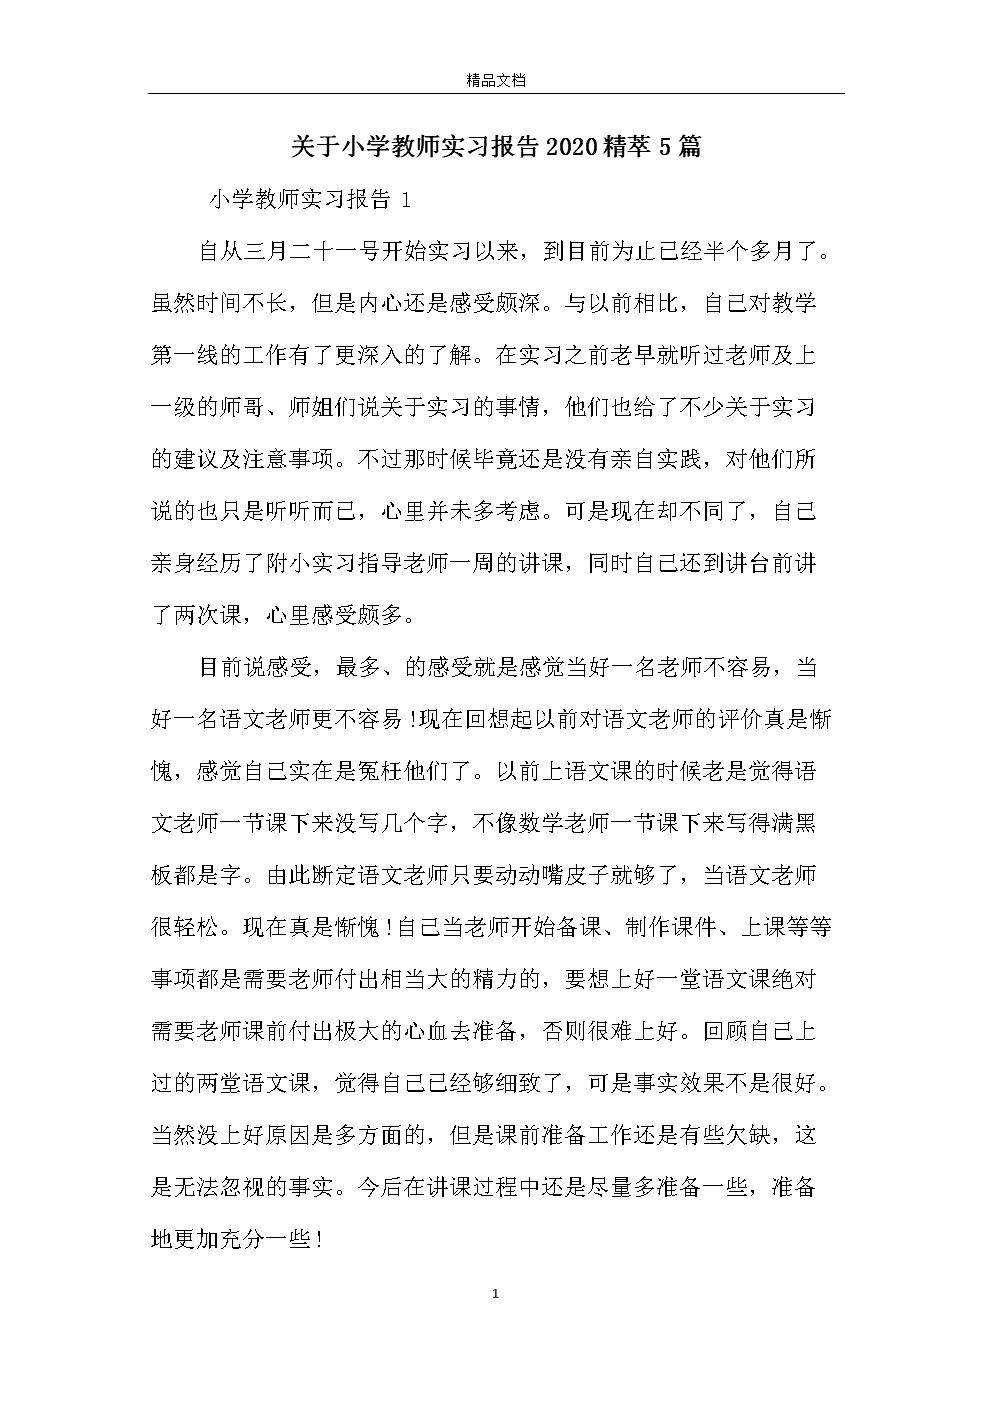 关于小学教师实习报告2020精萃5篇.docx